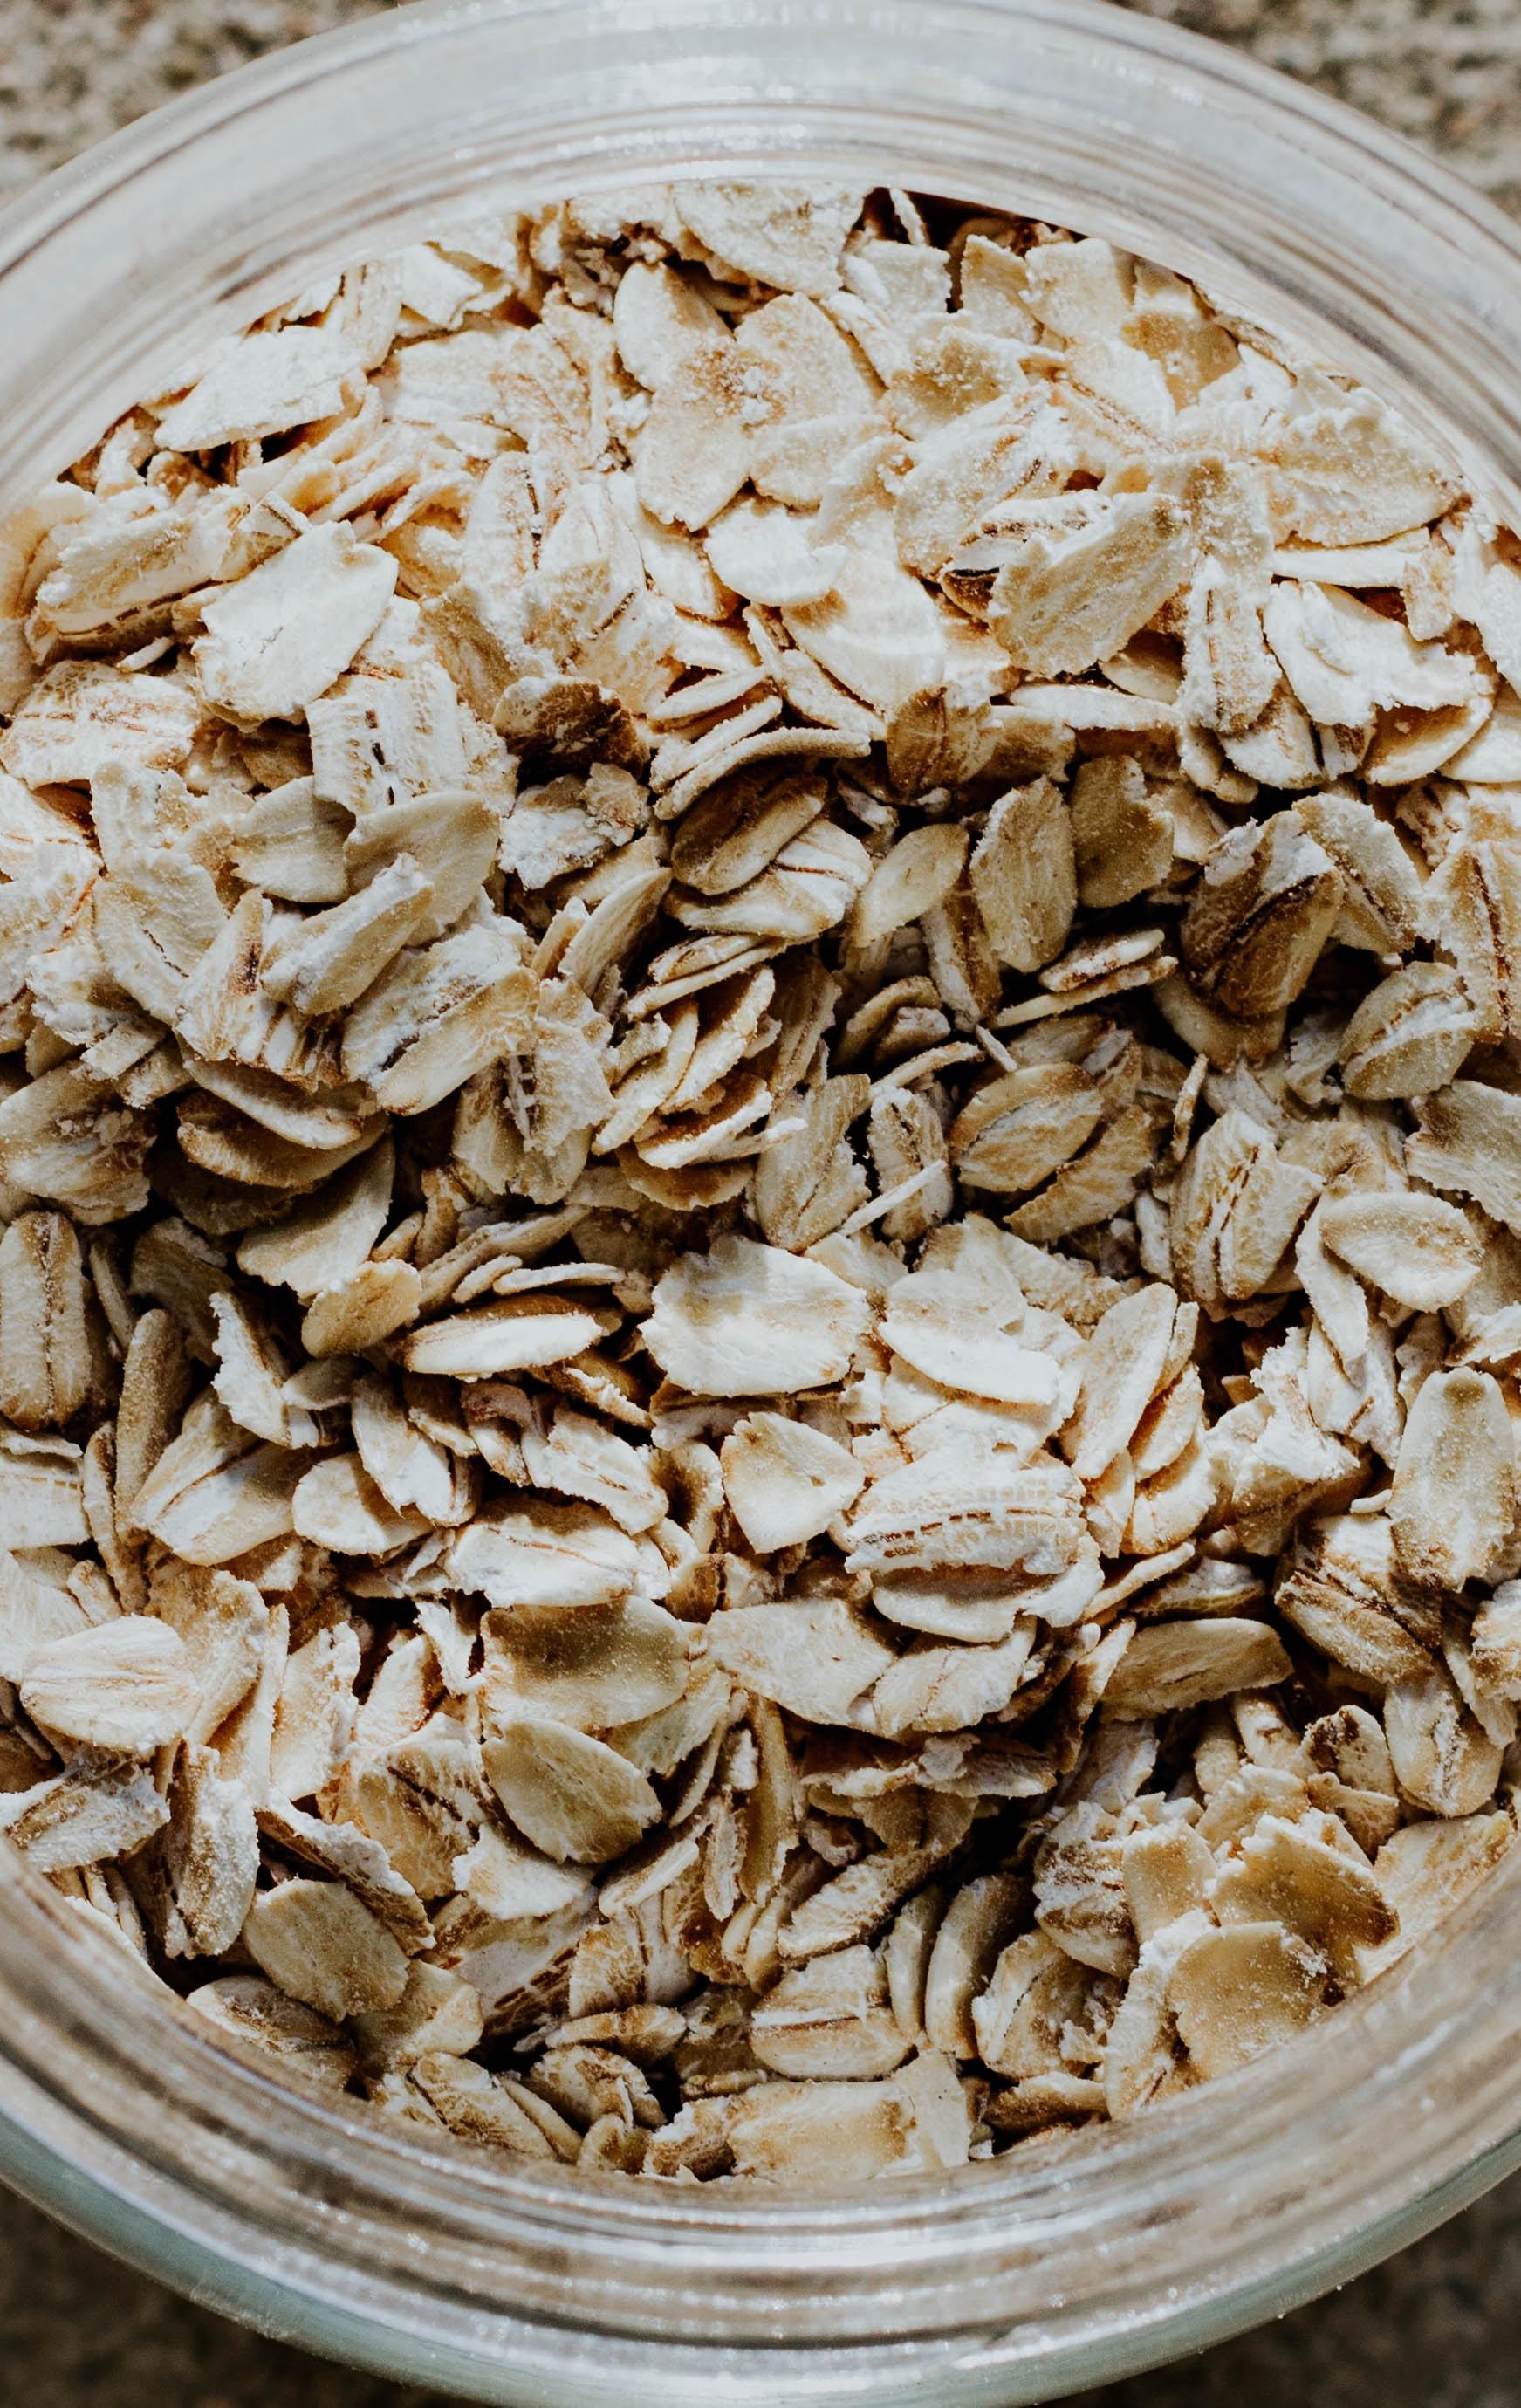 Oatmeal bisa kita jadikan masker atau scrub untuk membuat kulit yang sehat dan lebih cantik (dok. Unsplash)